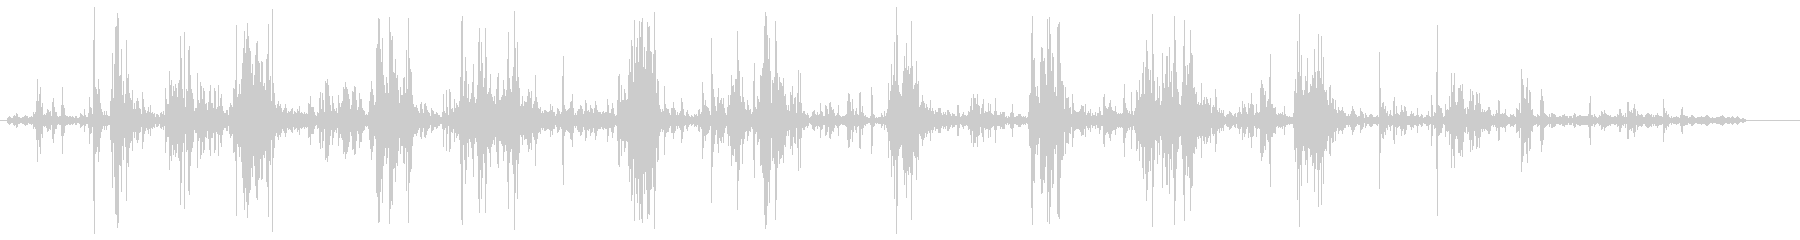 グチャグチャ(不快感、不安を仰ぐ効果音)の未再生の波形